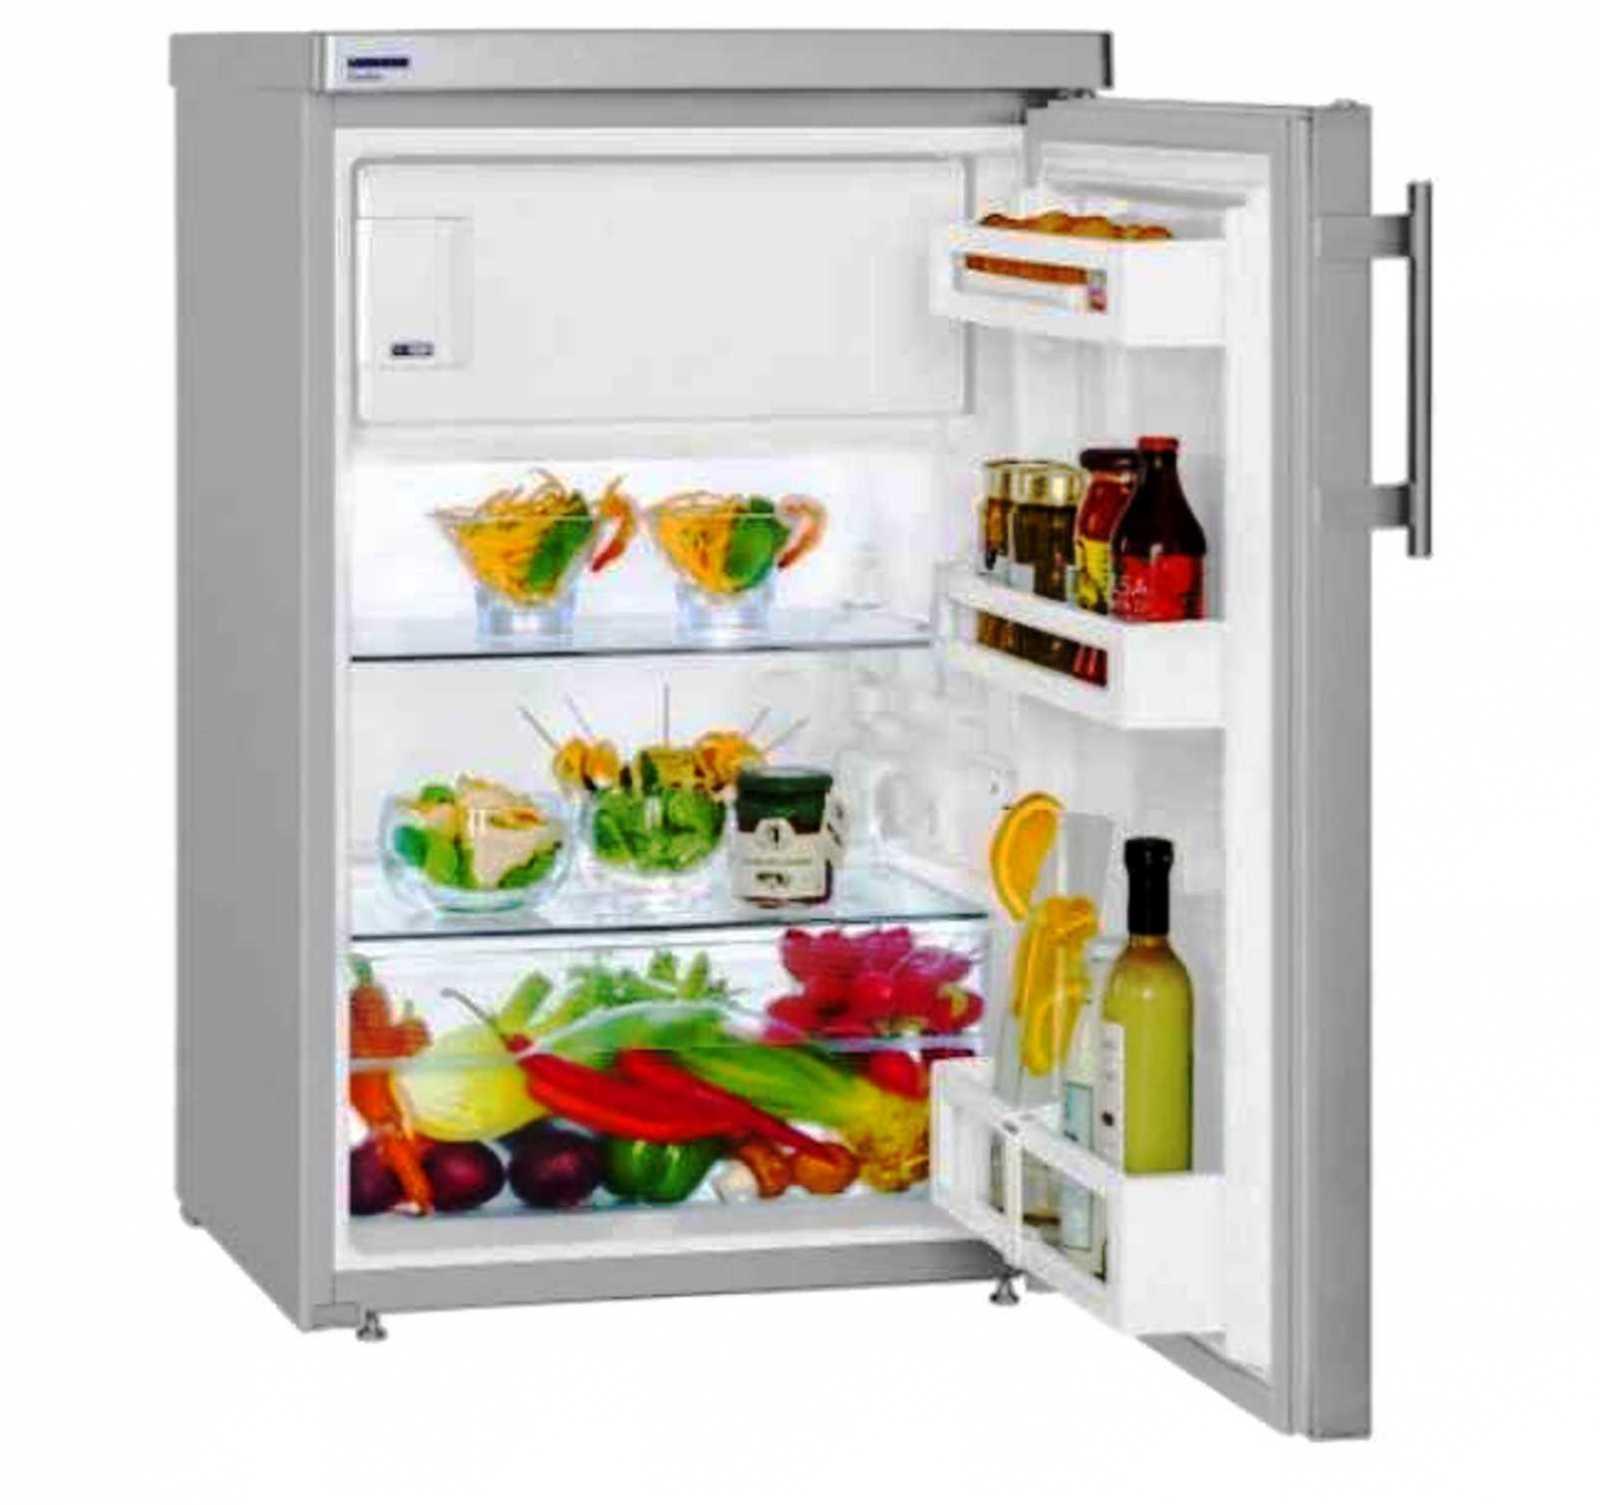 Малогабаритный холодильник Liebherr Tsl 1414 купить украина